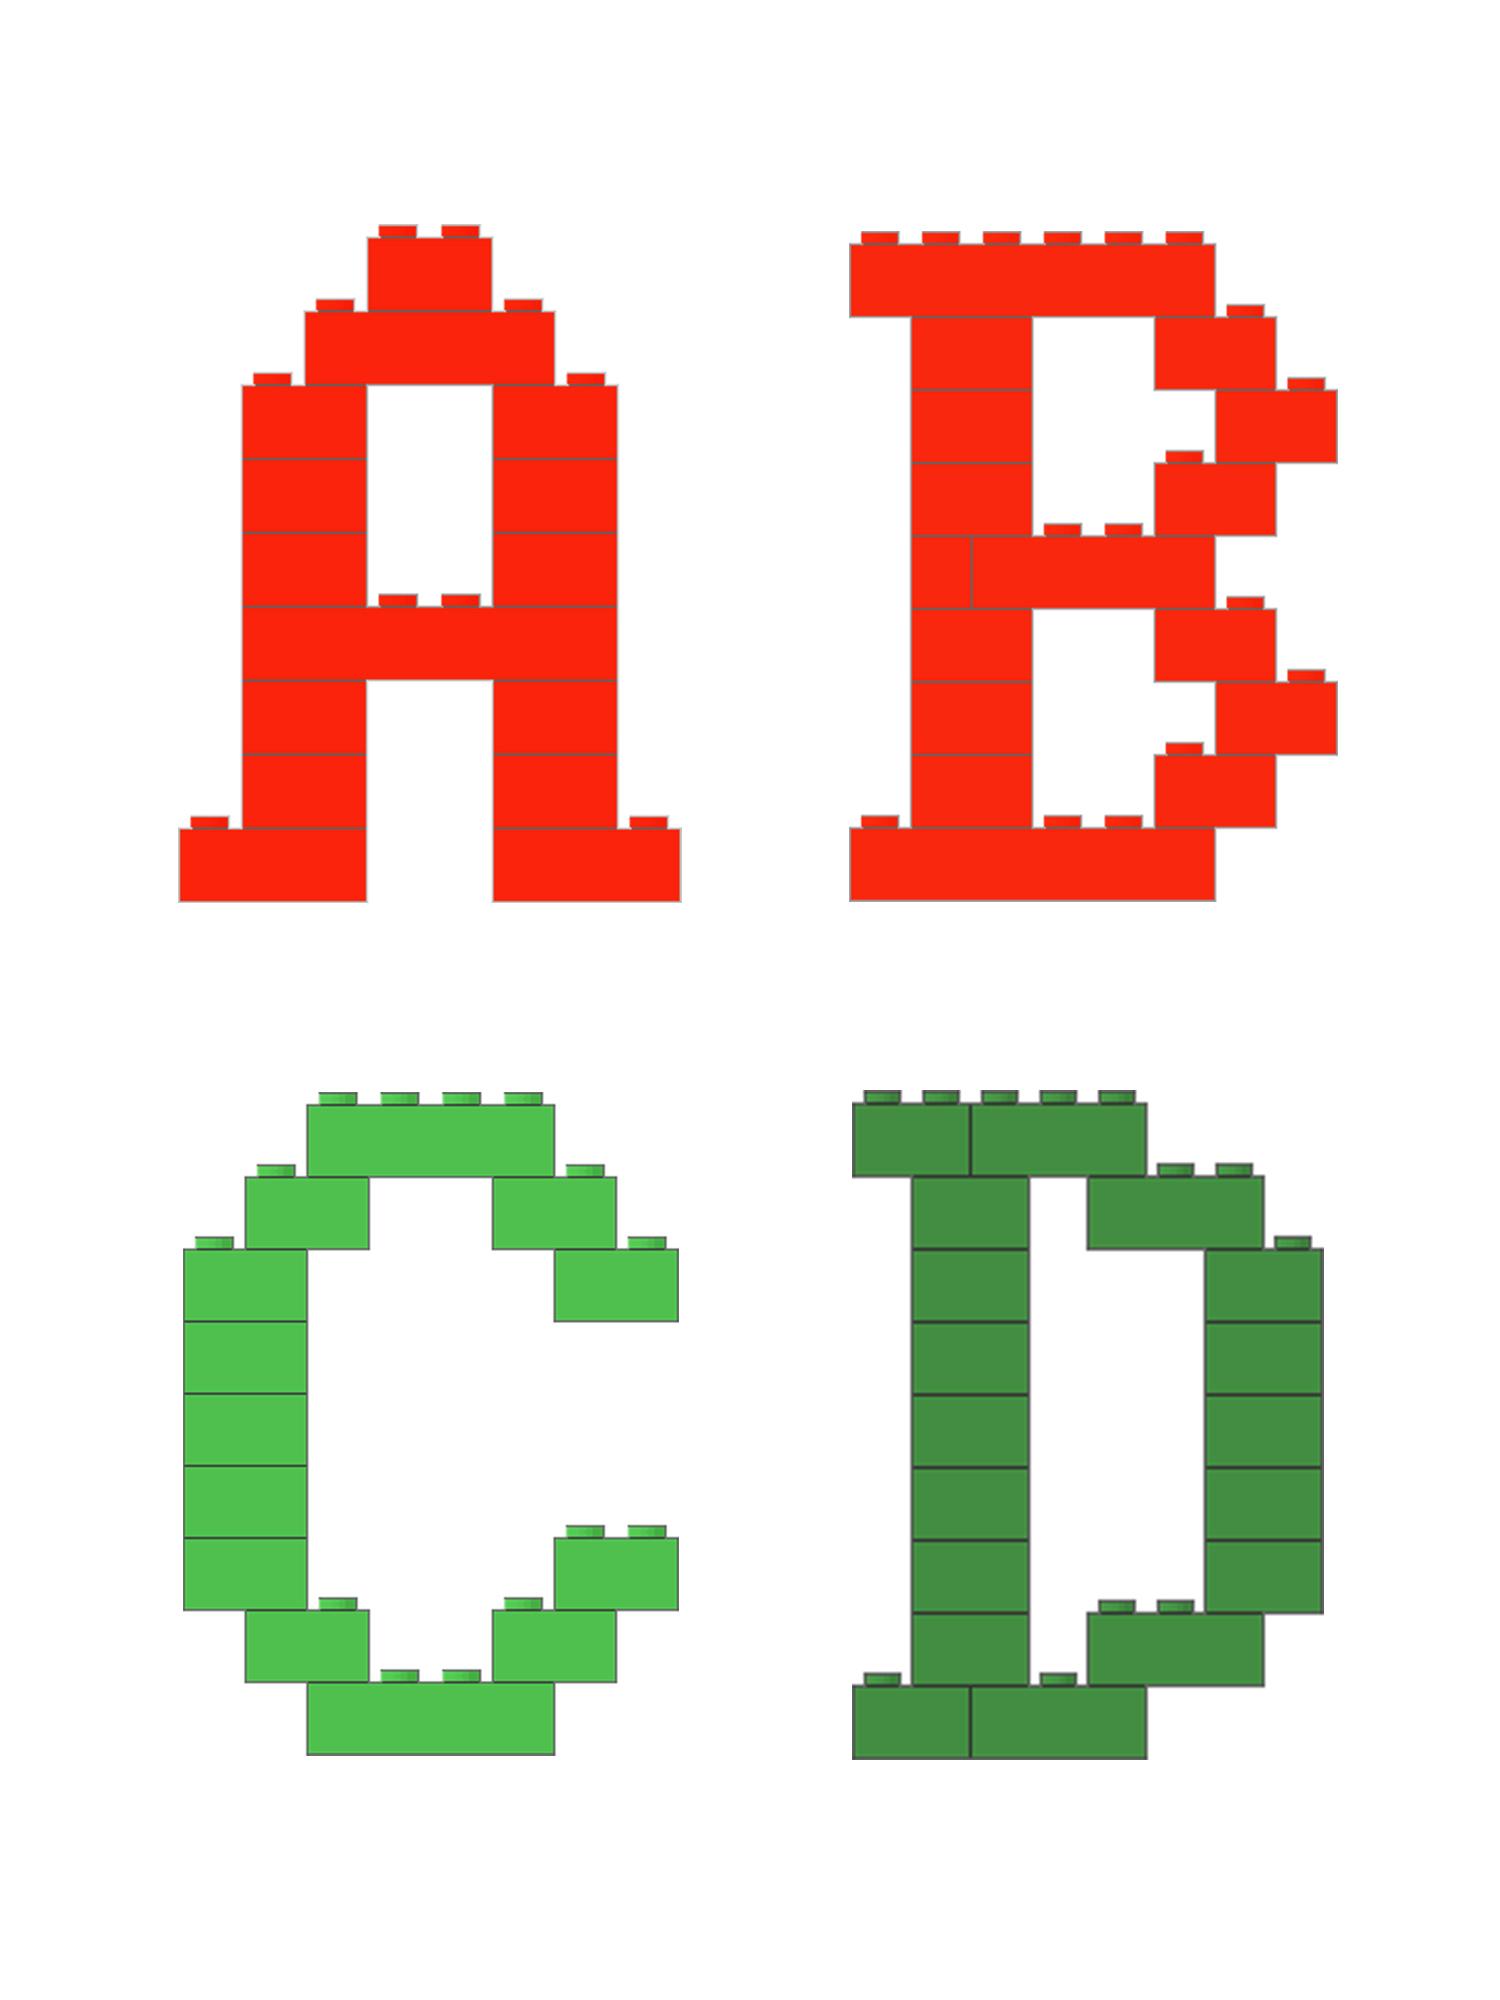 有一种字体,叫乐高体,用乐高积木拼26个英文字母